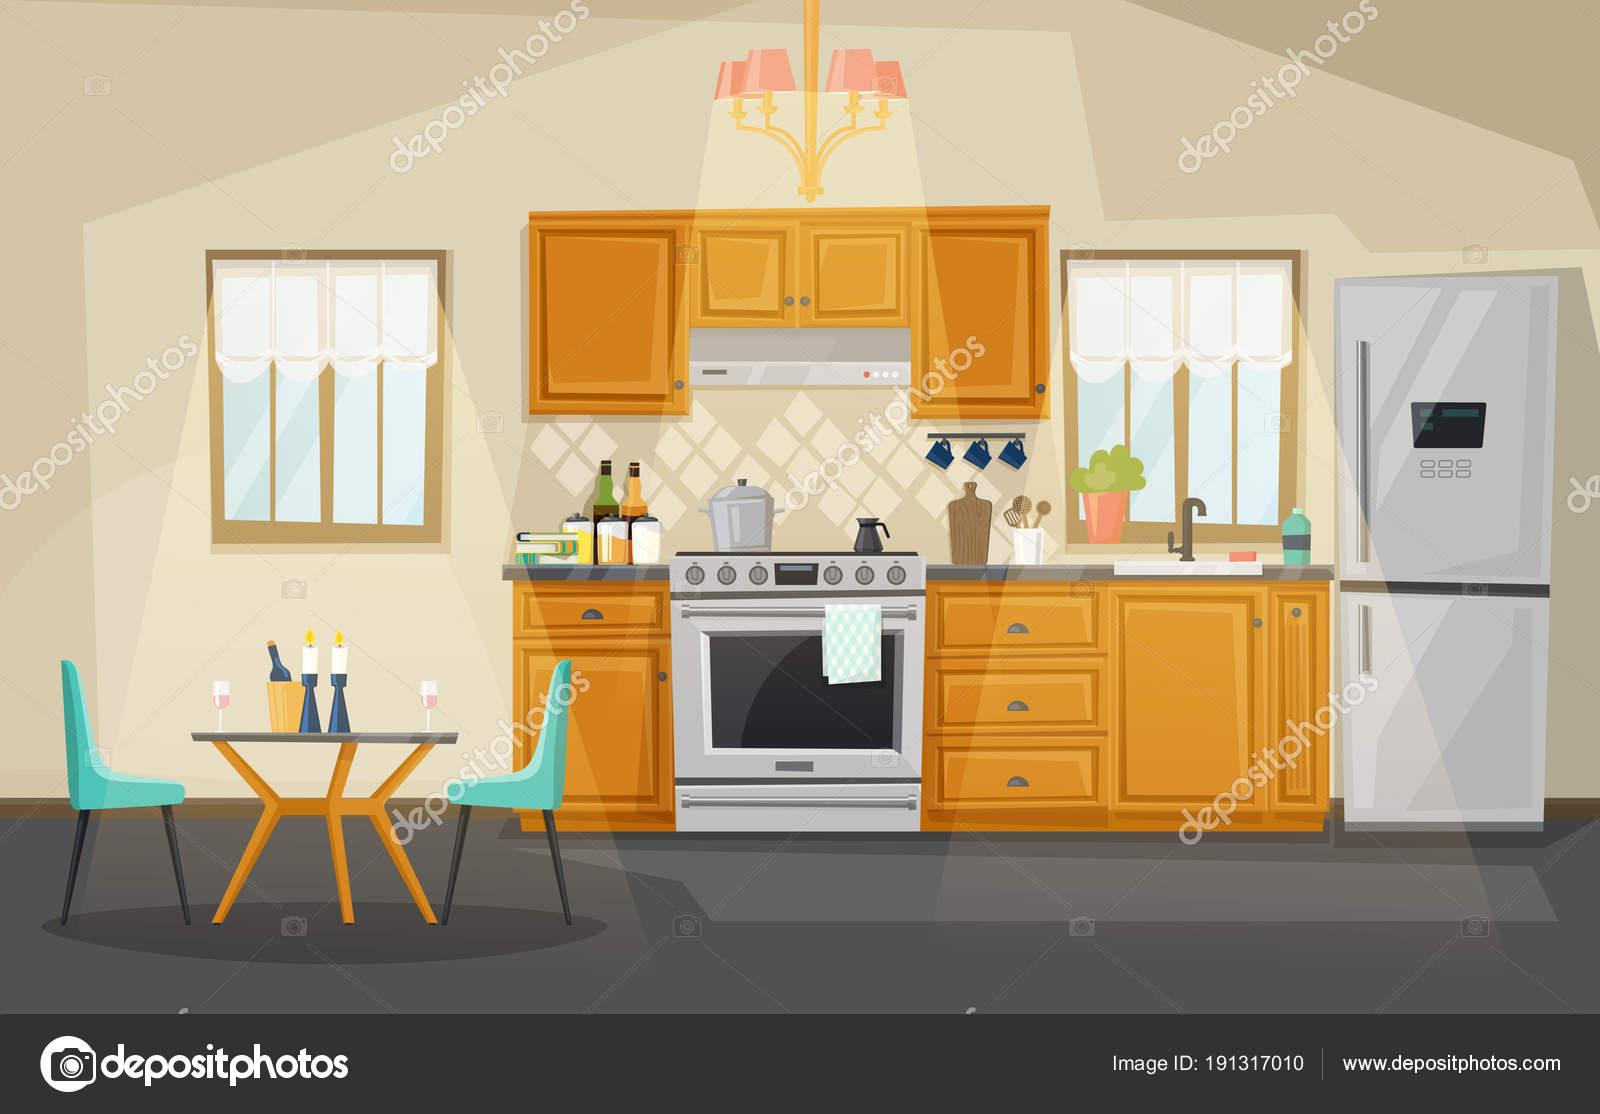 kitchen fan cover lights for under cabinets 厨房内饰视图 冰箱 烤箱 餐具 图库矢量图像 c cookamoto 191317010 厨房内饰 有炉子或烤箱的水壶 排气罩或风扇 桌子上有蜡烛和椅子 冰箱或冰箱 厨房的内部视图与用具